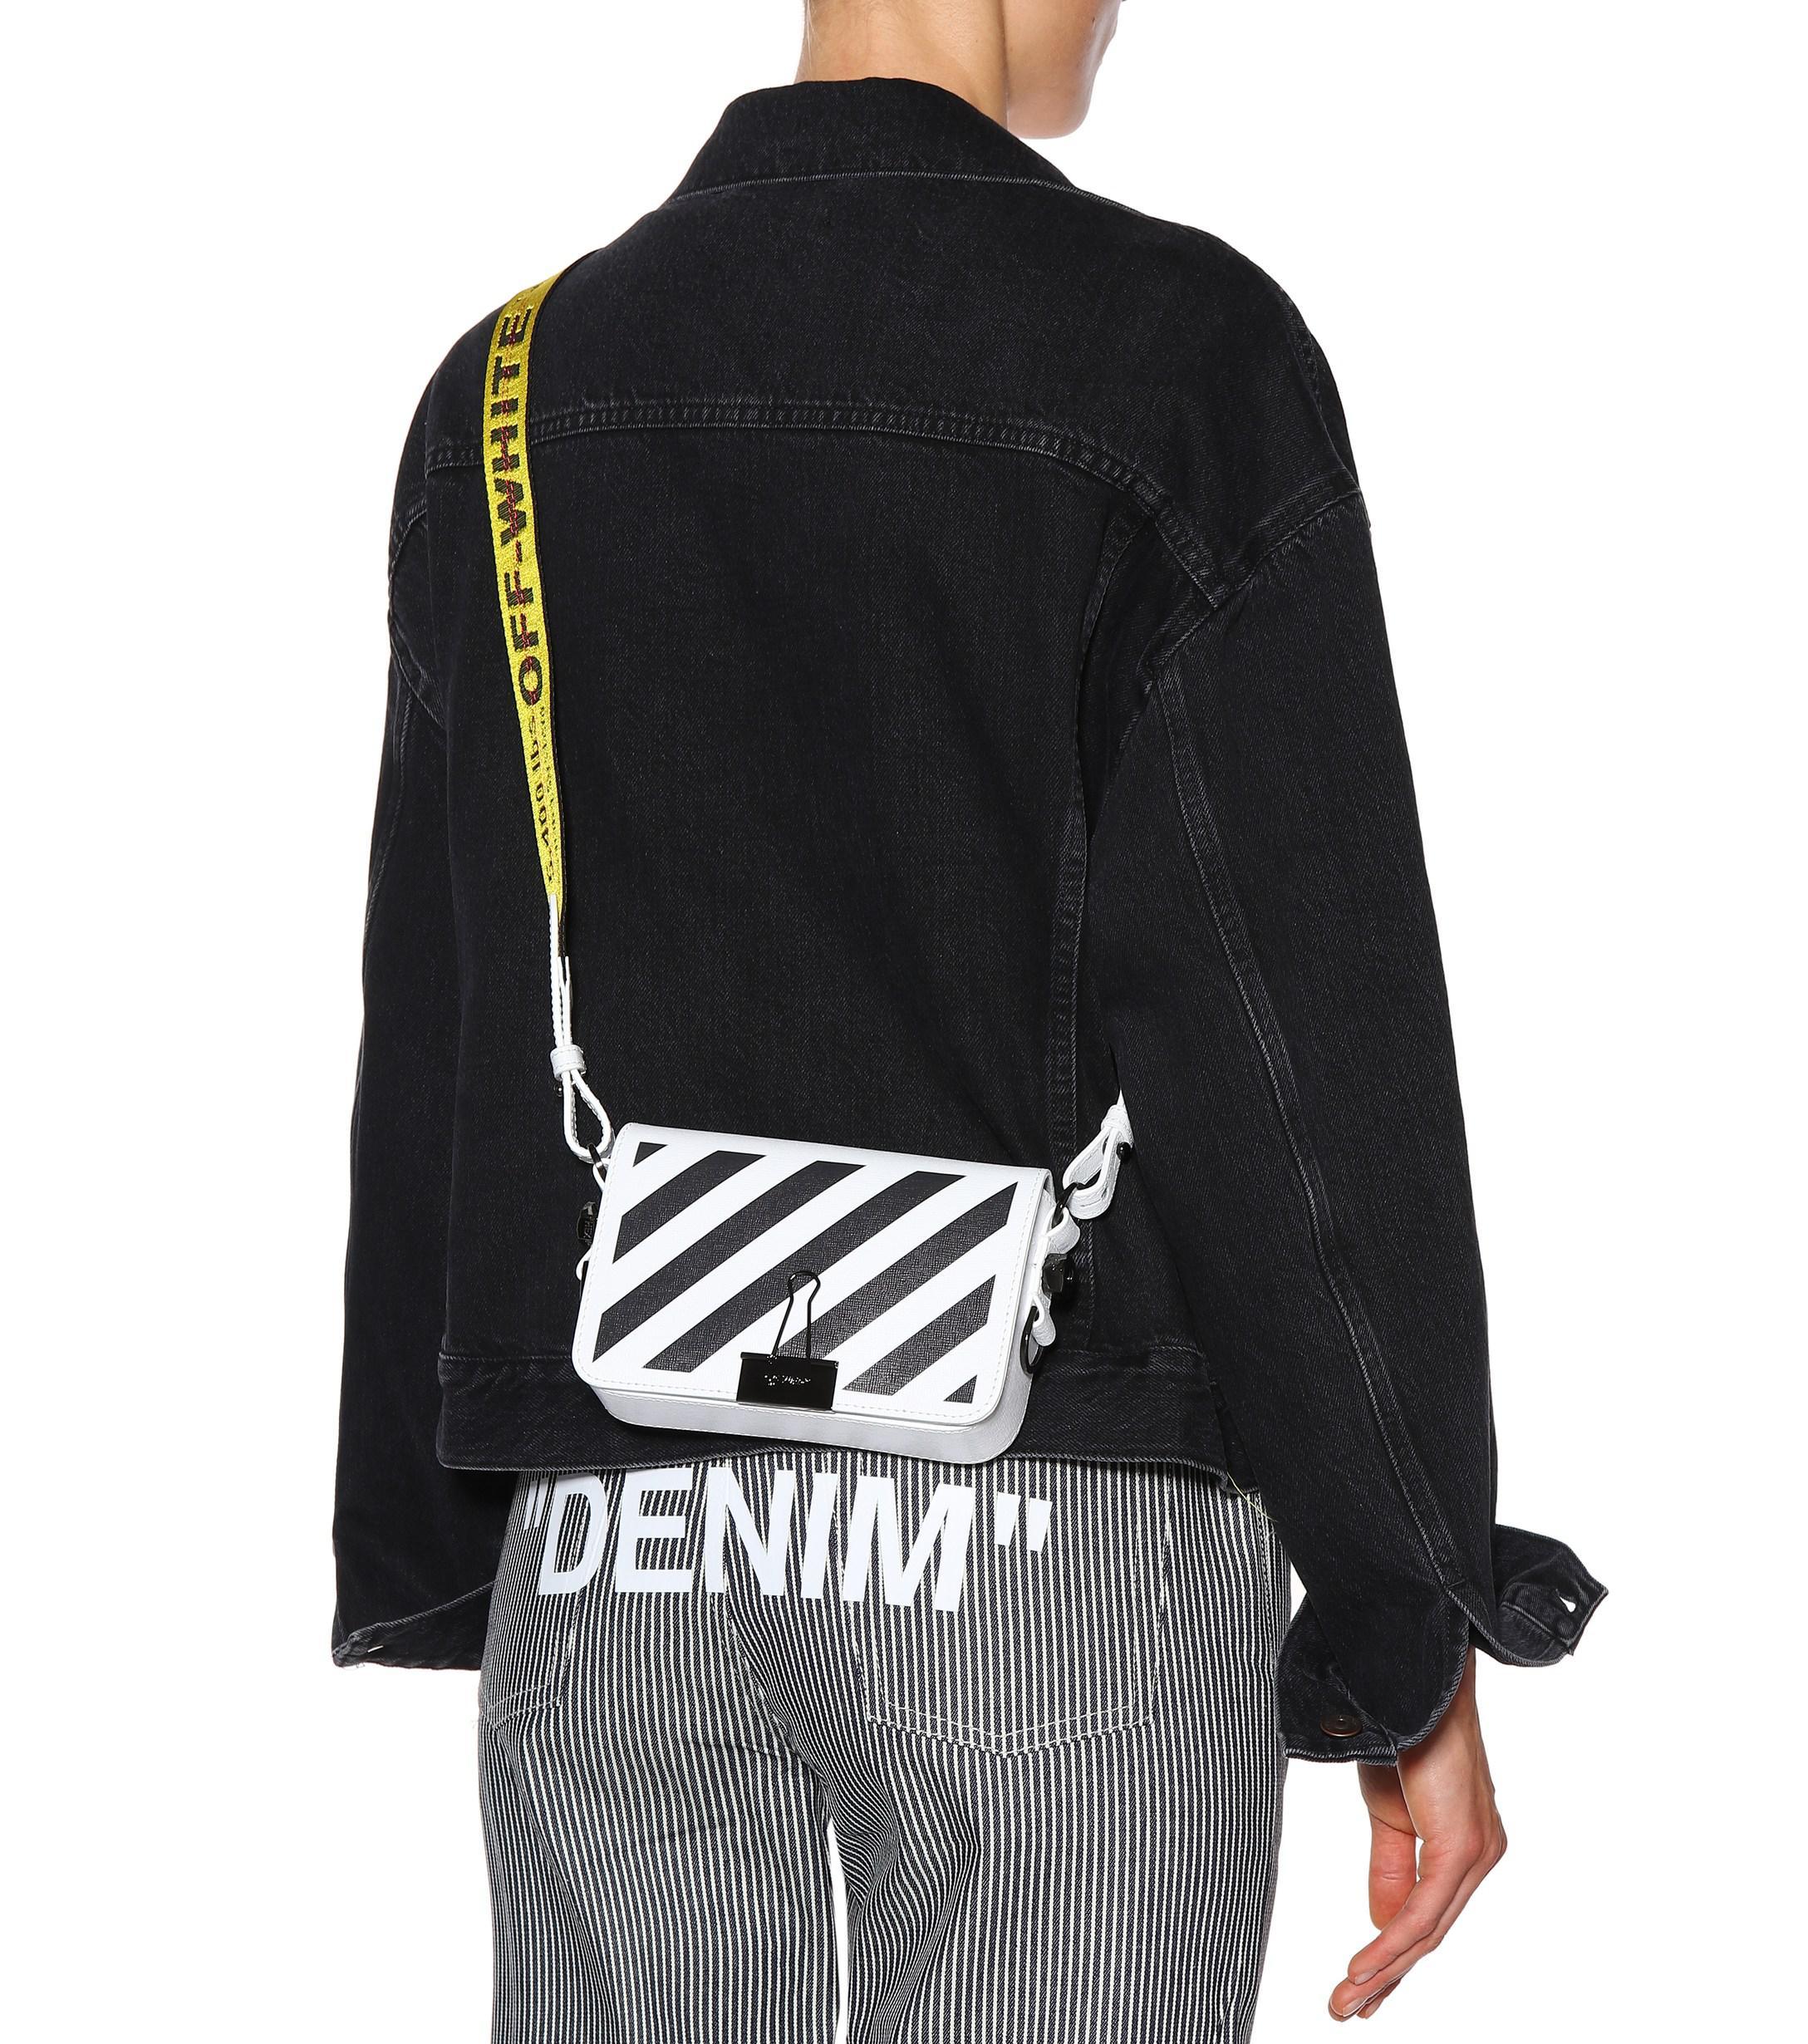 582a6f01 Off-White c/o Virgil Abloh Mini Binder Clip Leather Shoulder Bag in ...